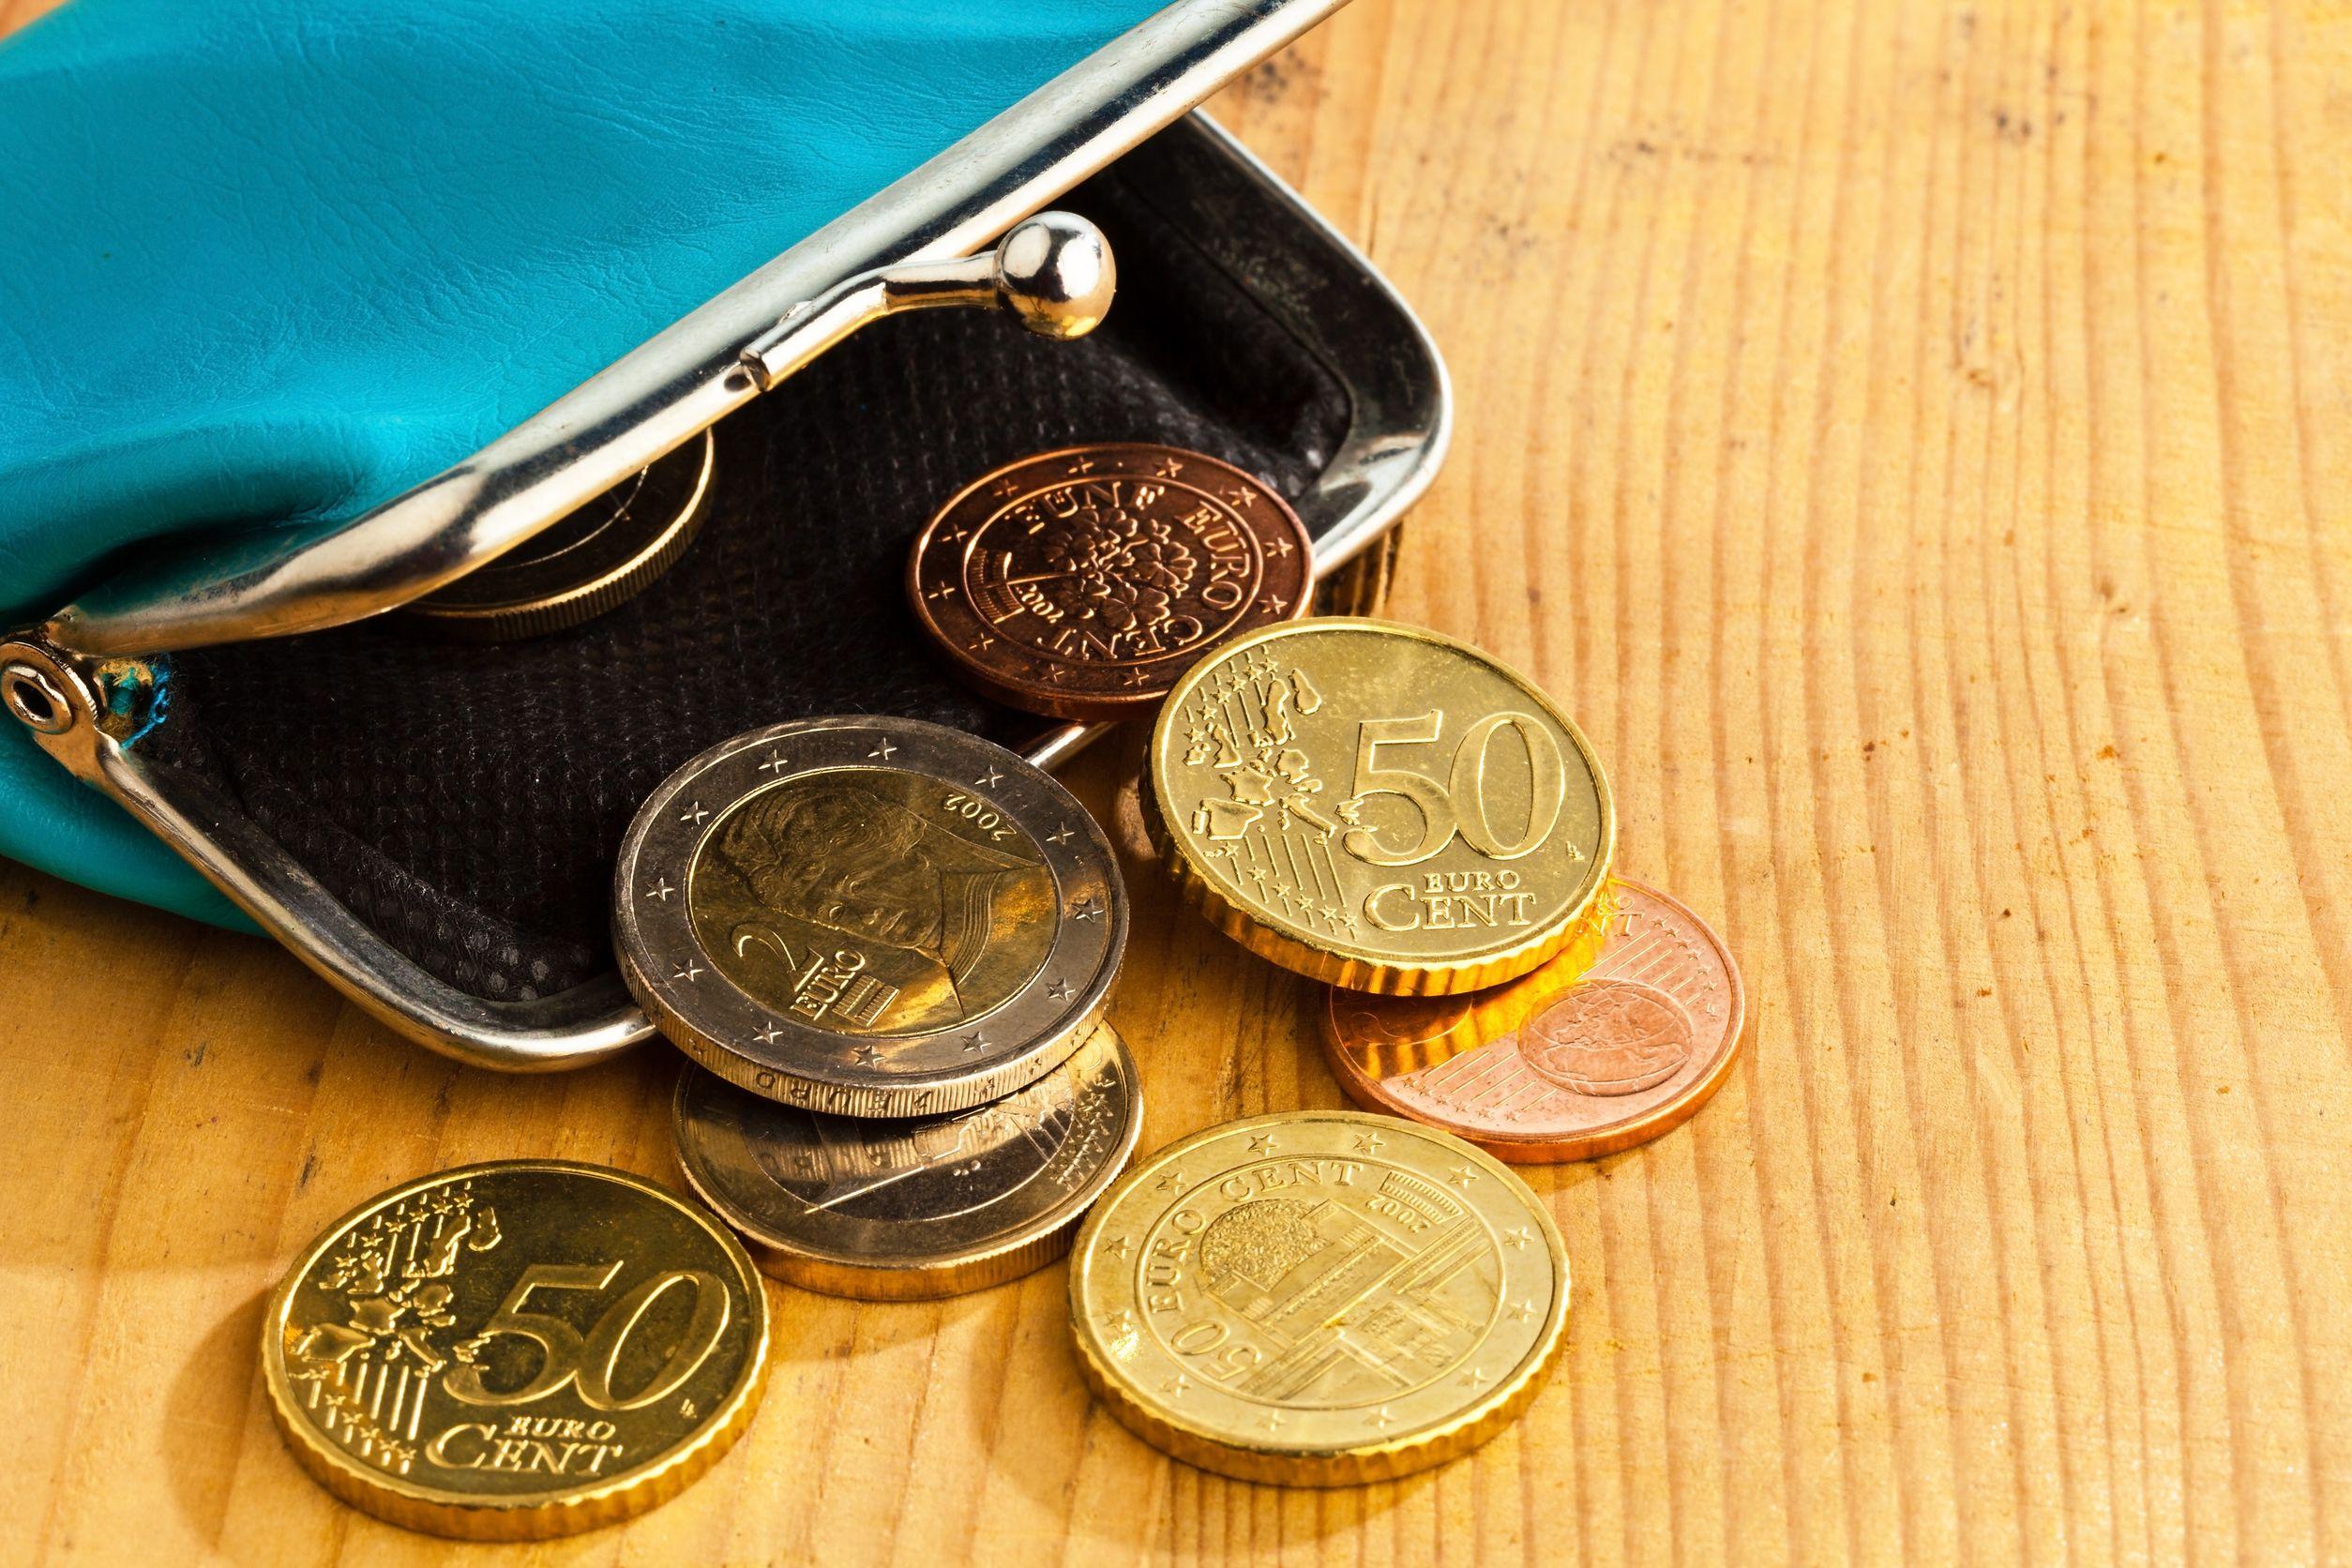 Addio alle monete da 1 e 2 centesimi ma i prezzi sembrano salvi